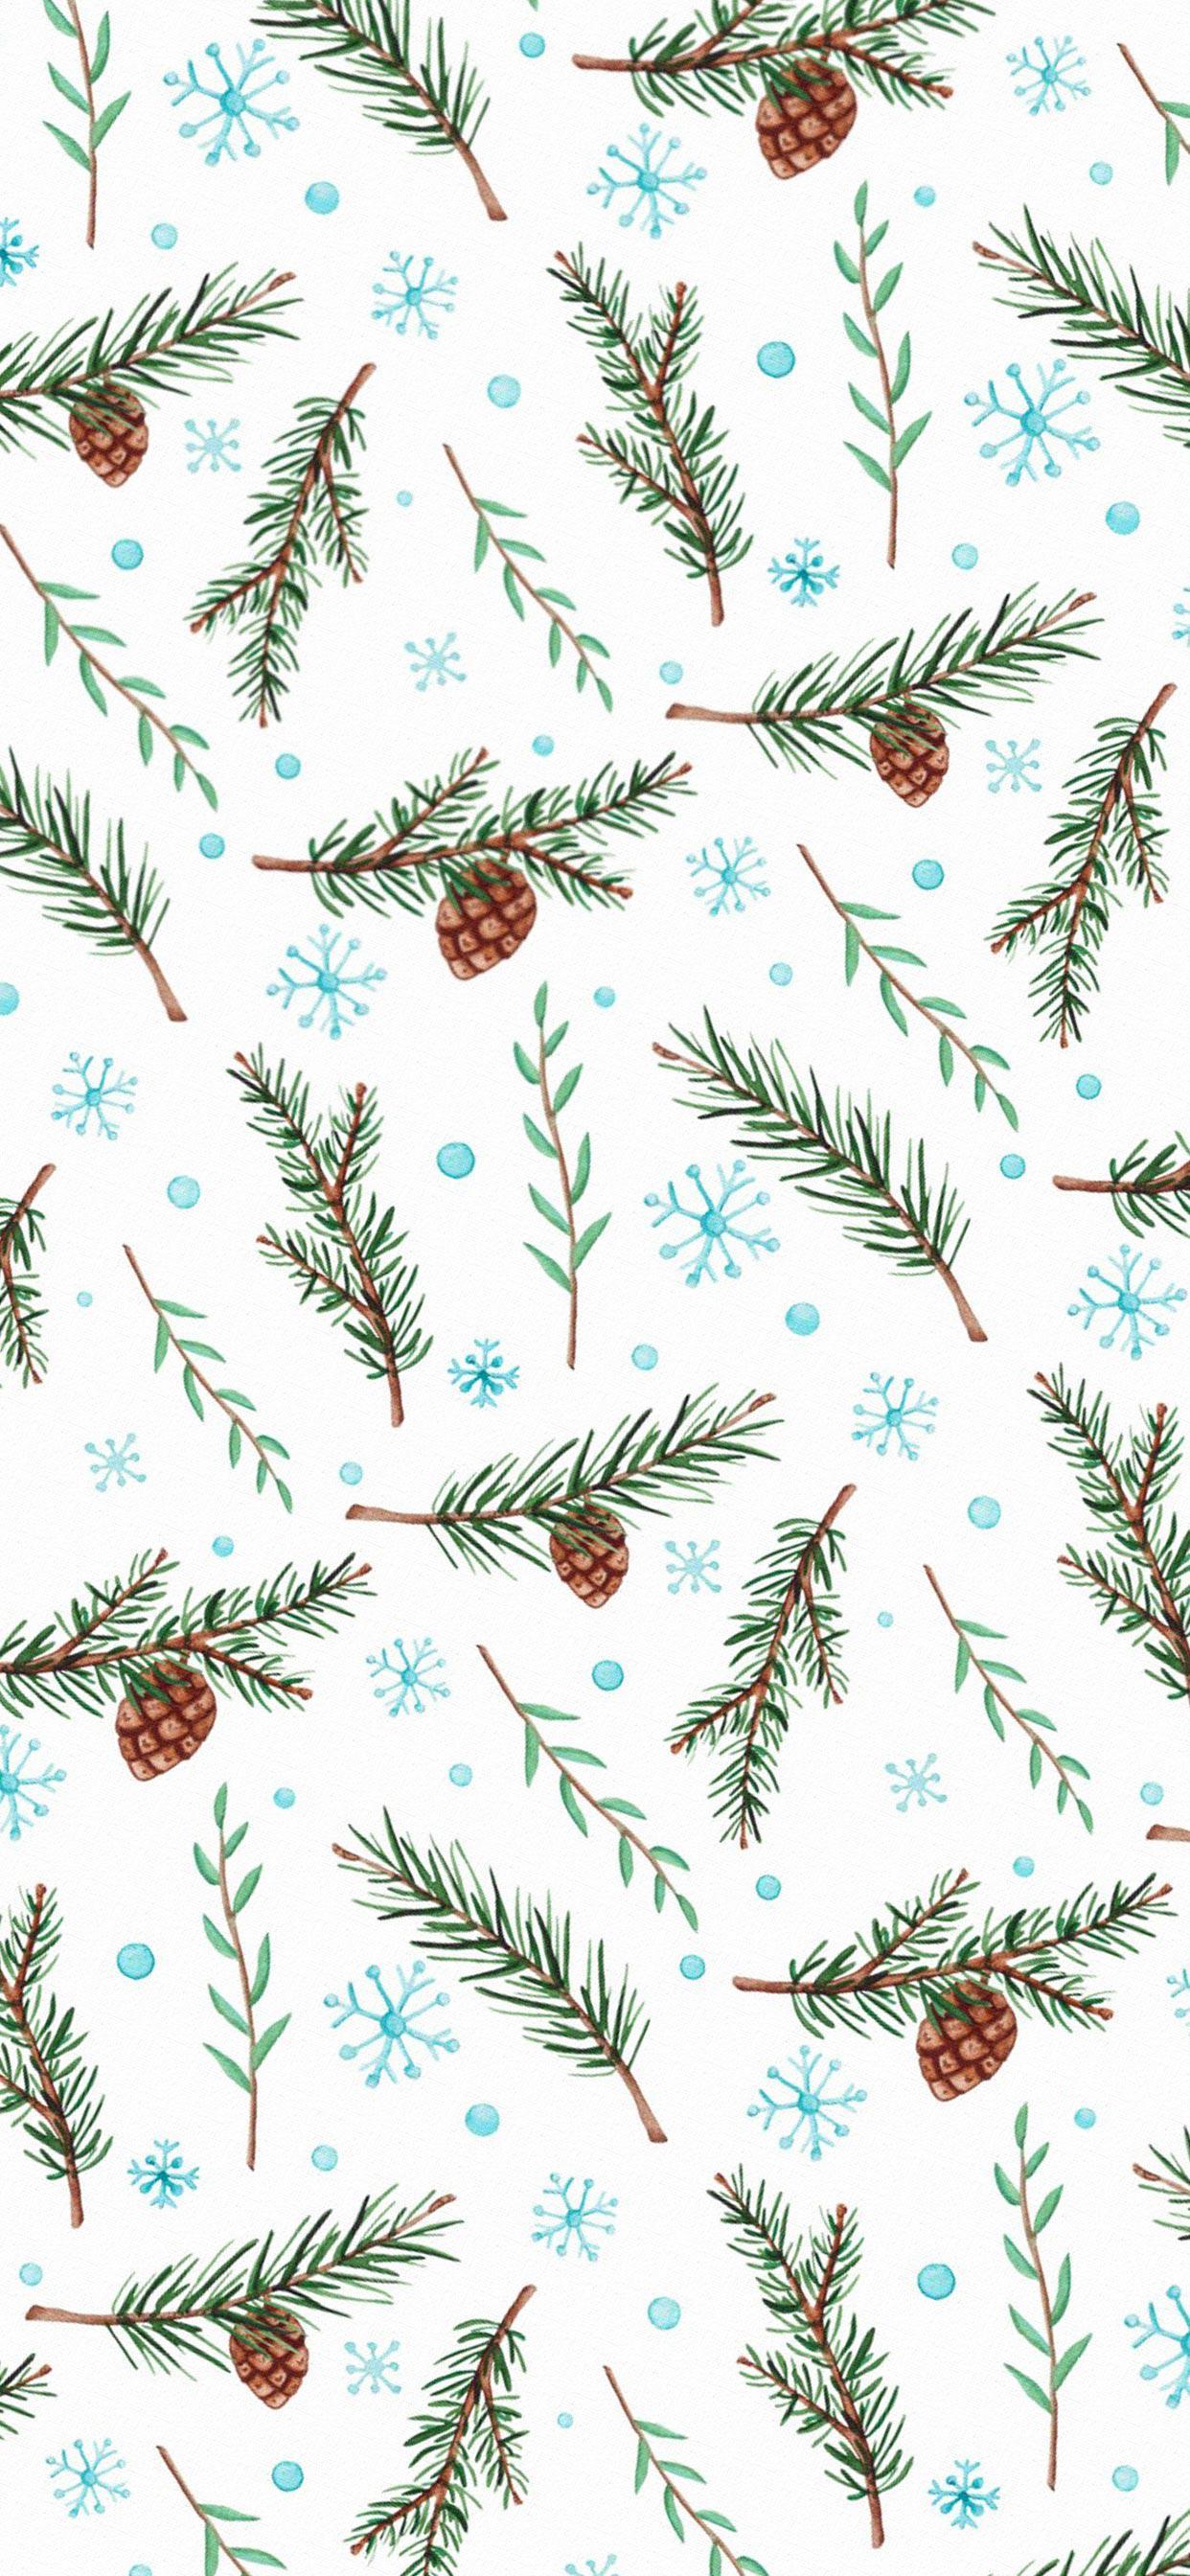 عکس زمینه بلوط و شاخه های کاج کریسمس پس زمینه